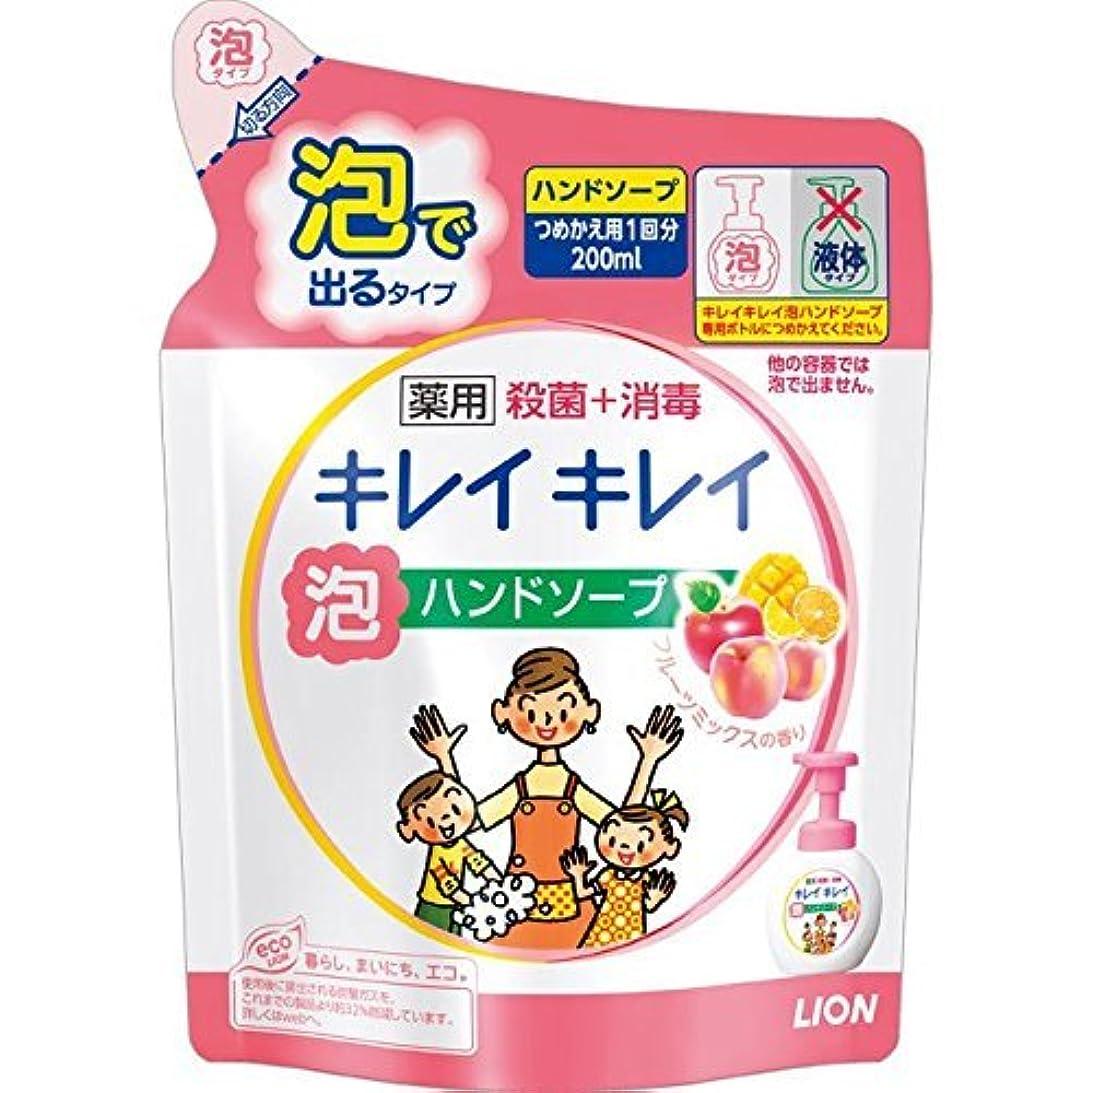 口実父方の野球キレイキレイ 薬用泡ハンドソープ フルーツミックスの香り つめかえ用 通常サイズ 200ml ×20個セット